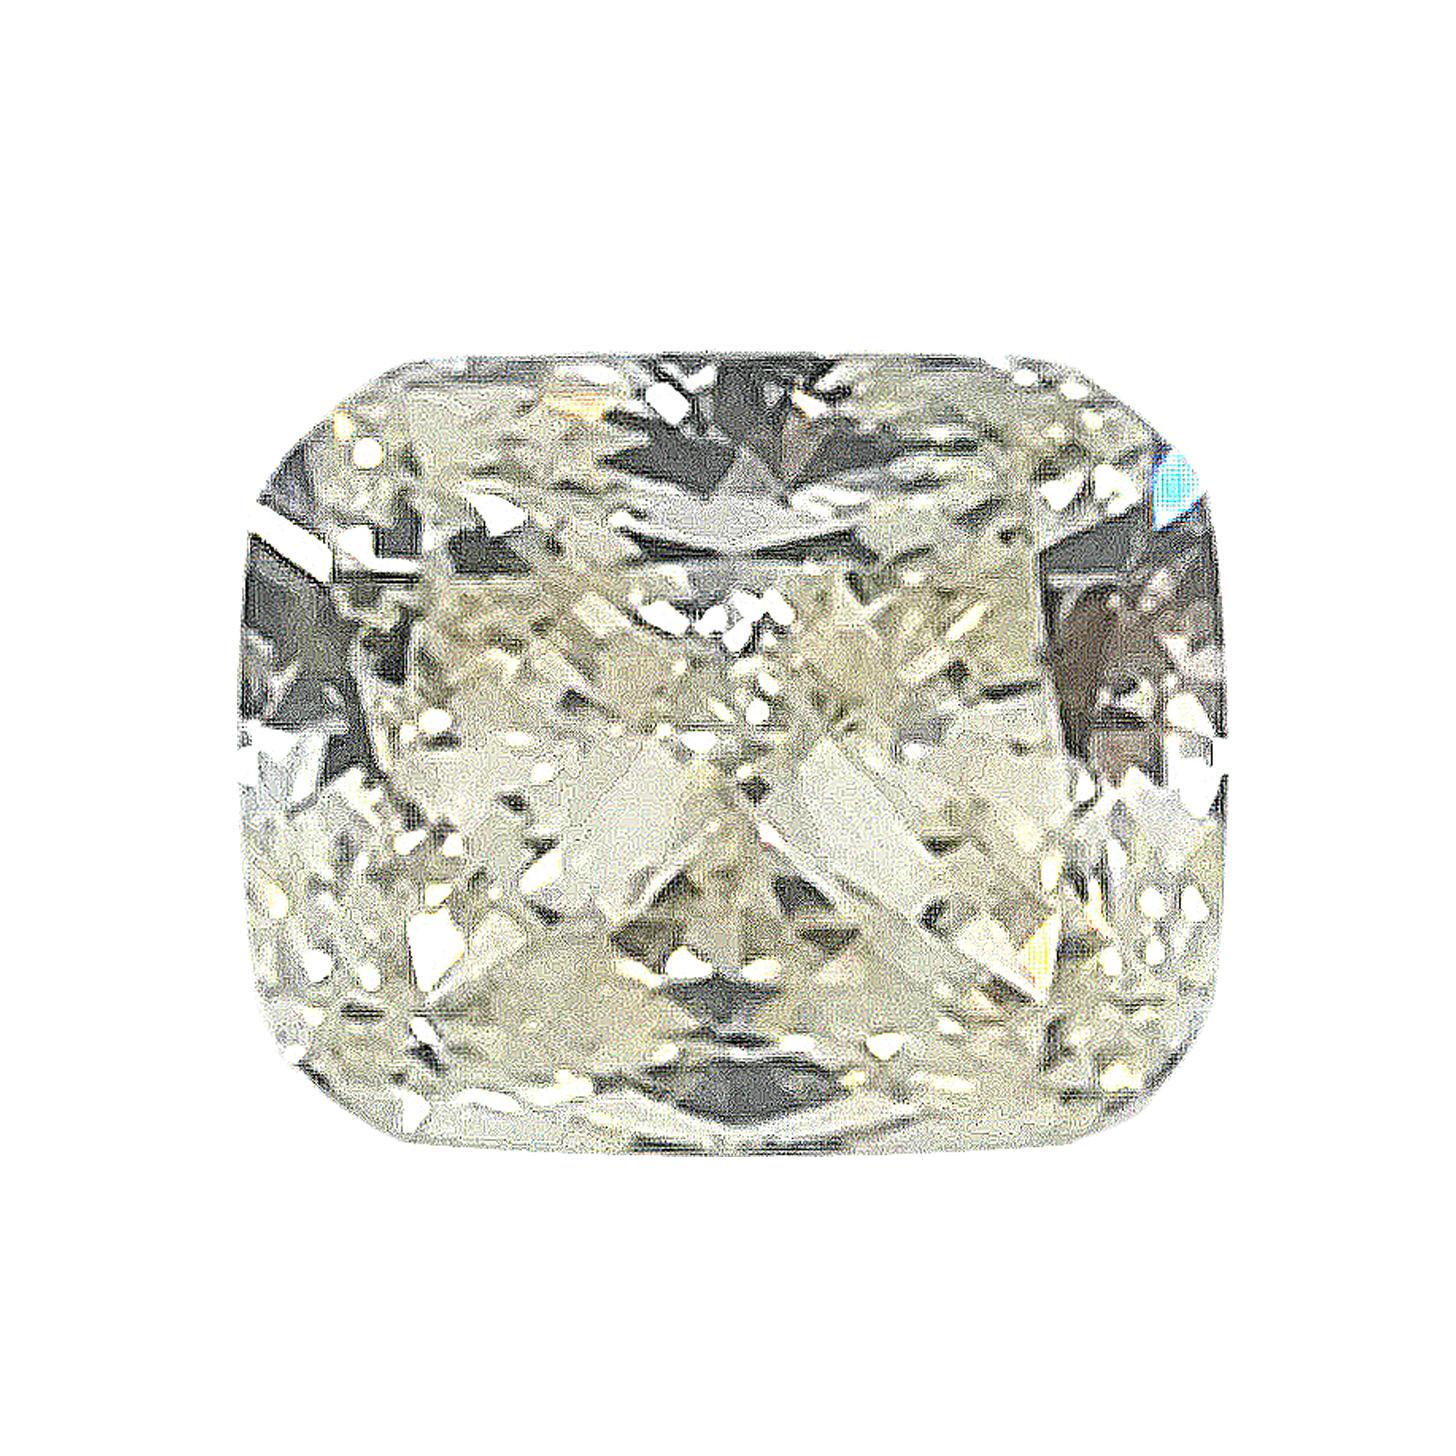 Diamant im Kissenschliff, 1,01 ct, inkl. DPL-Expertise - Sammler Edelstein